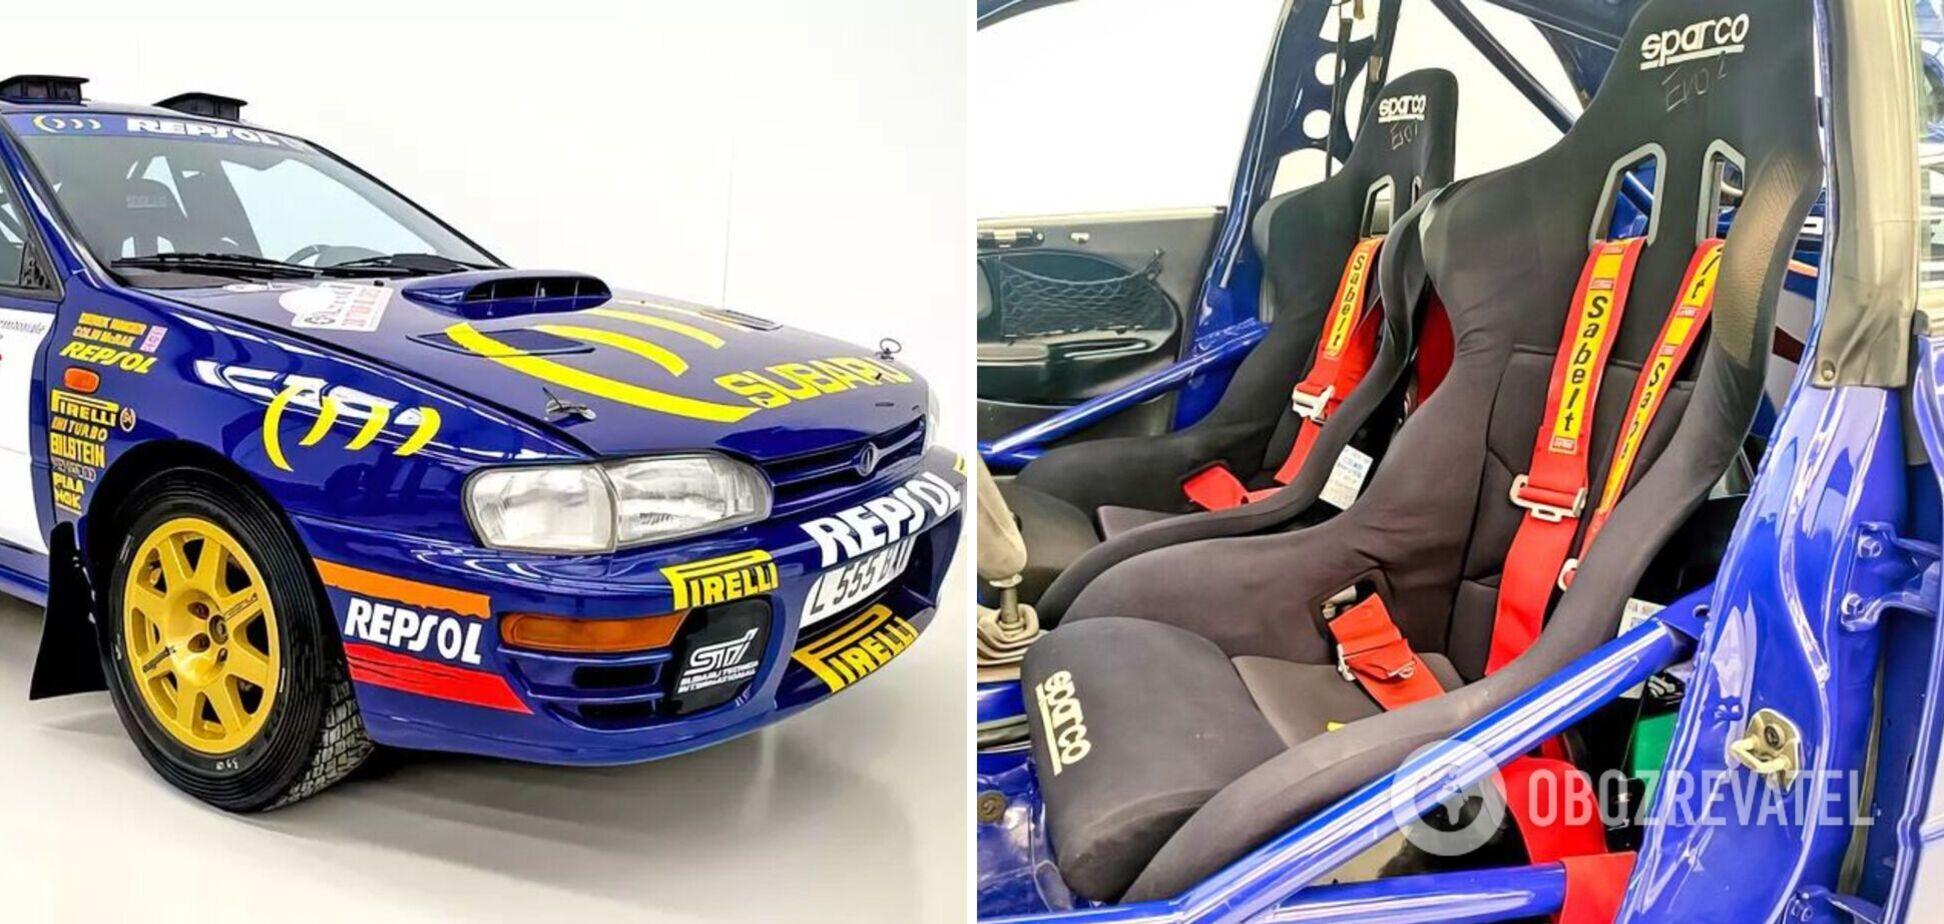 Prodrive Subaru Impreza збереглася в первісній комплектації